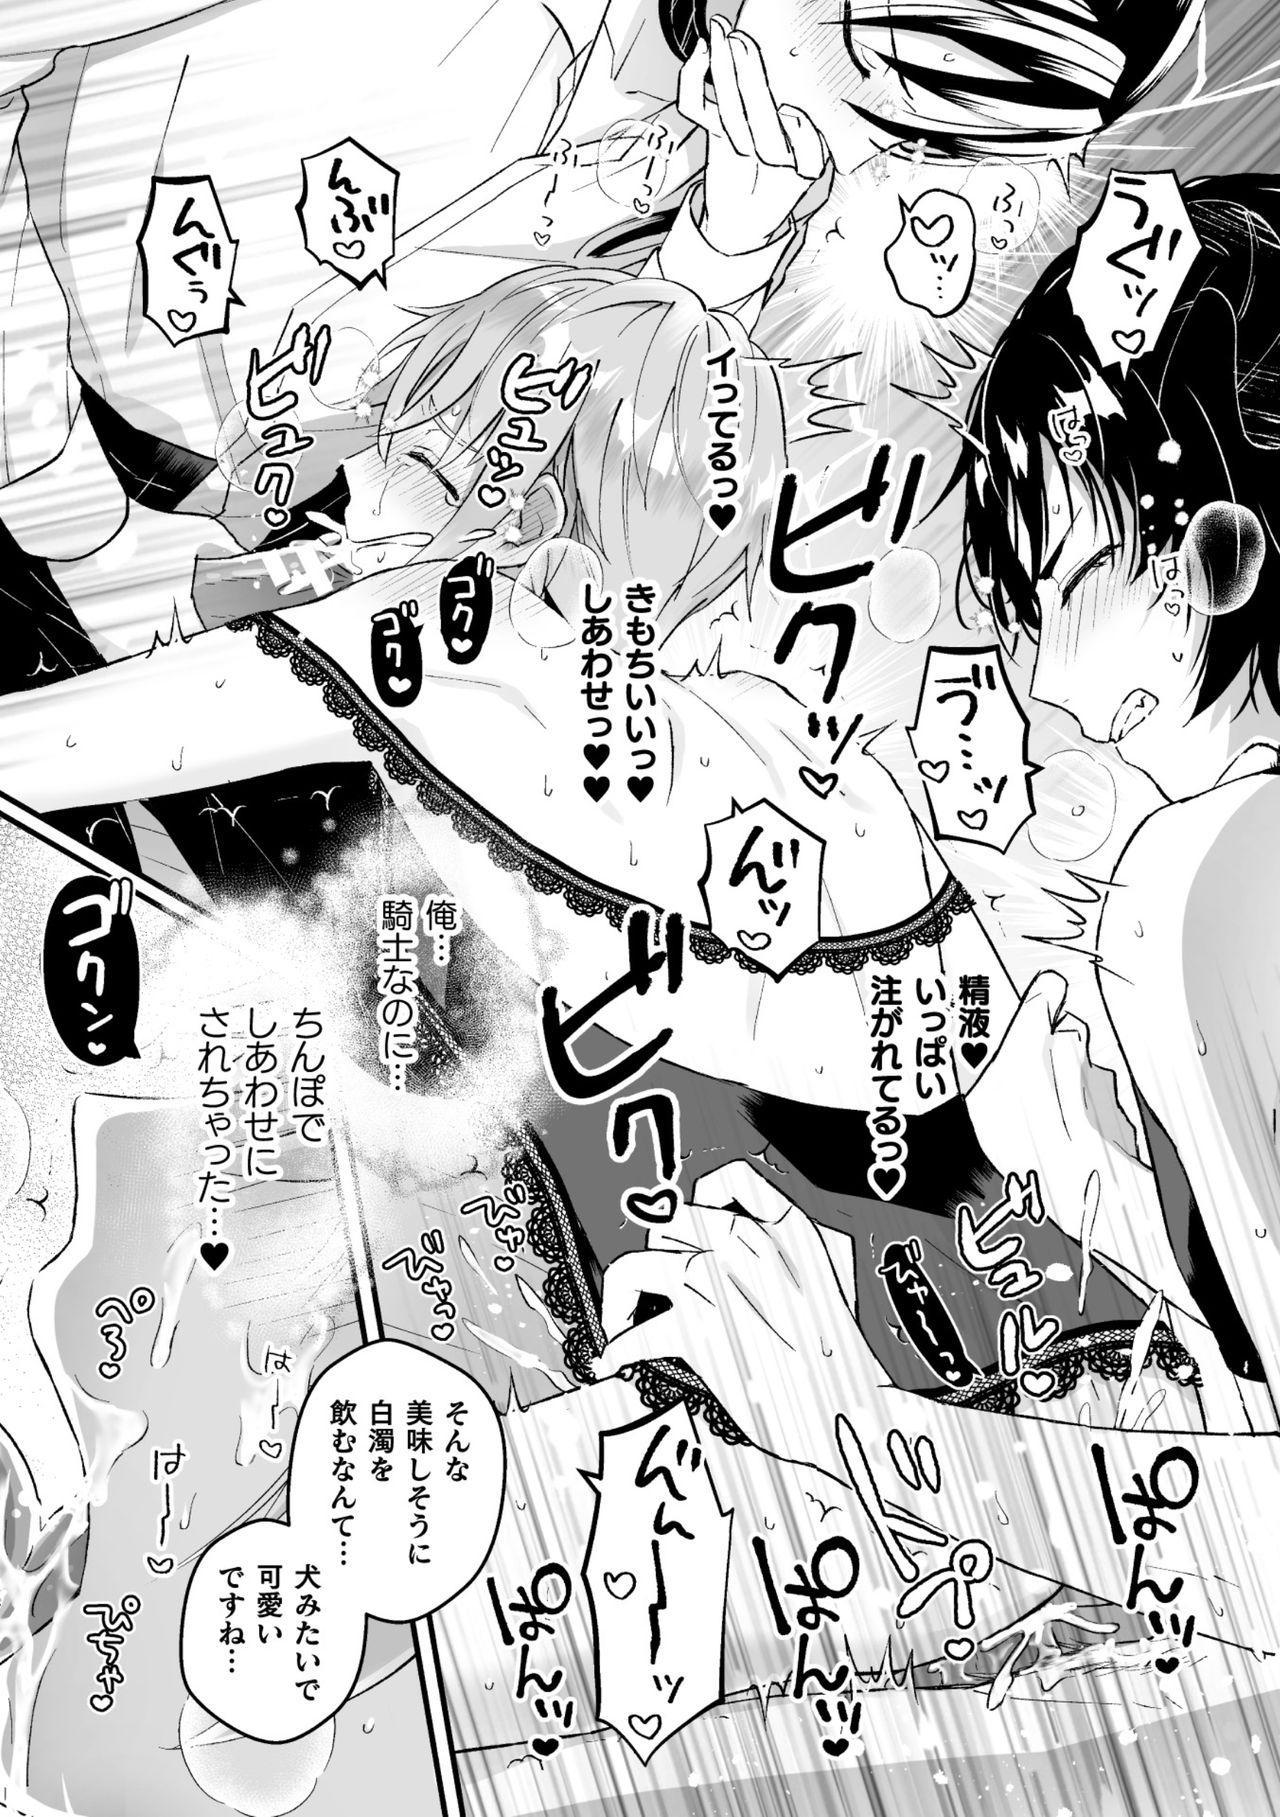 """Otoko Kishi ga """"Ku, Korose!"""" tte Iu kara Mesu Choukyou Shitemita Ch. 3 24"""